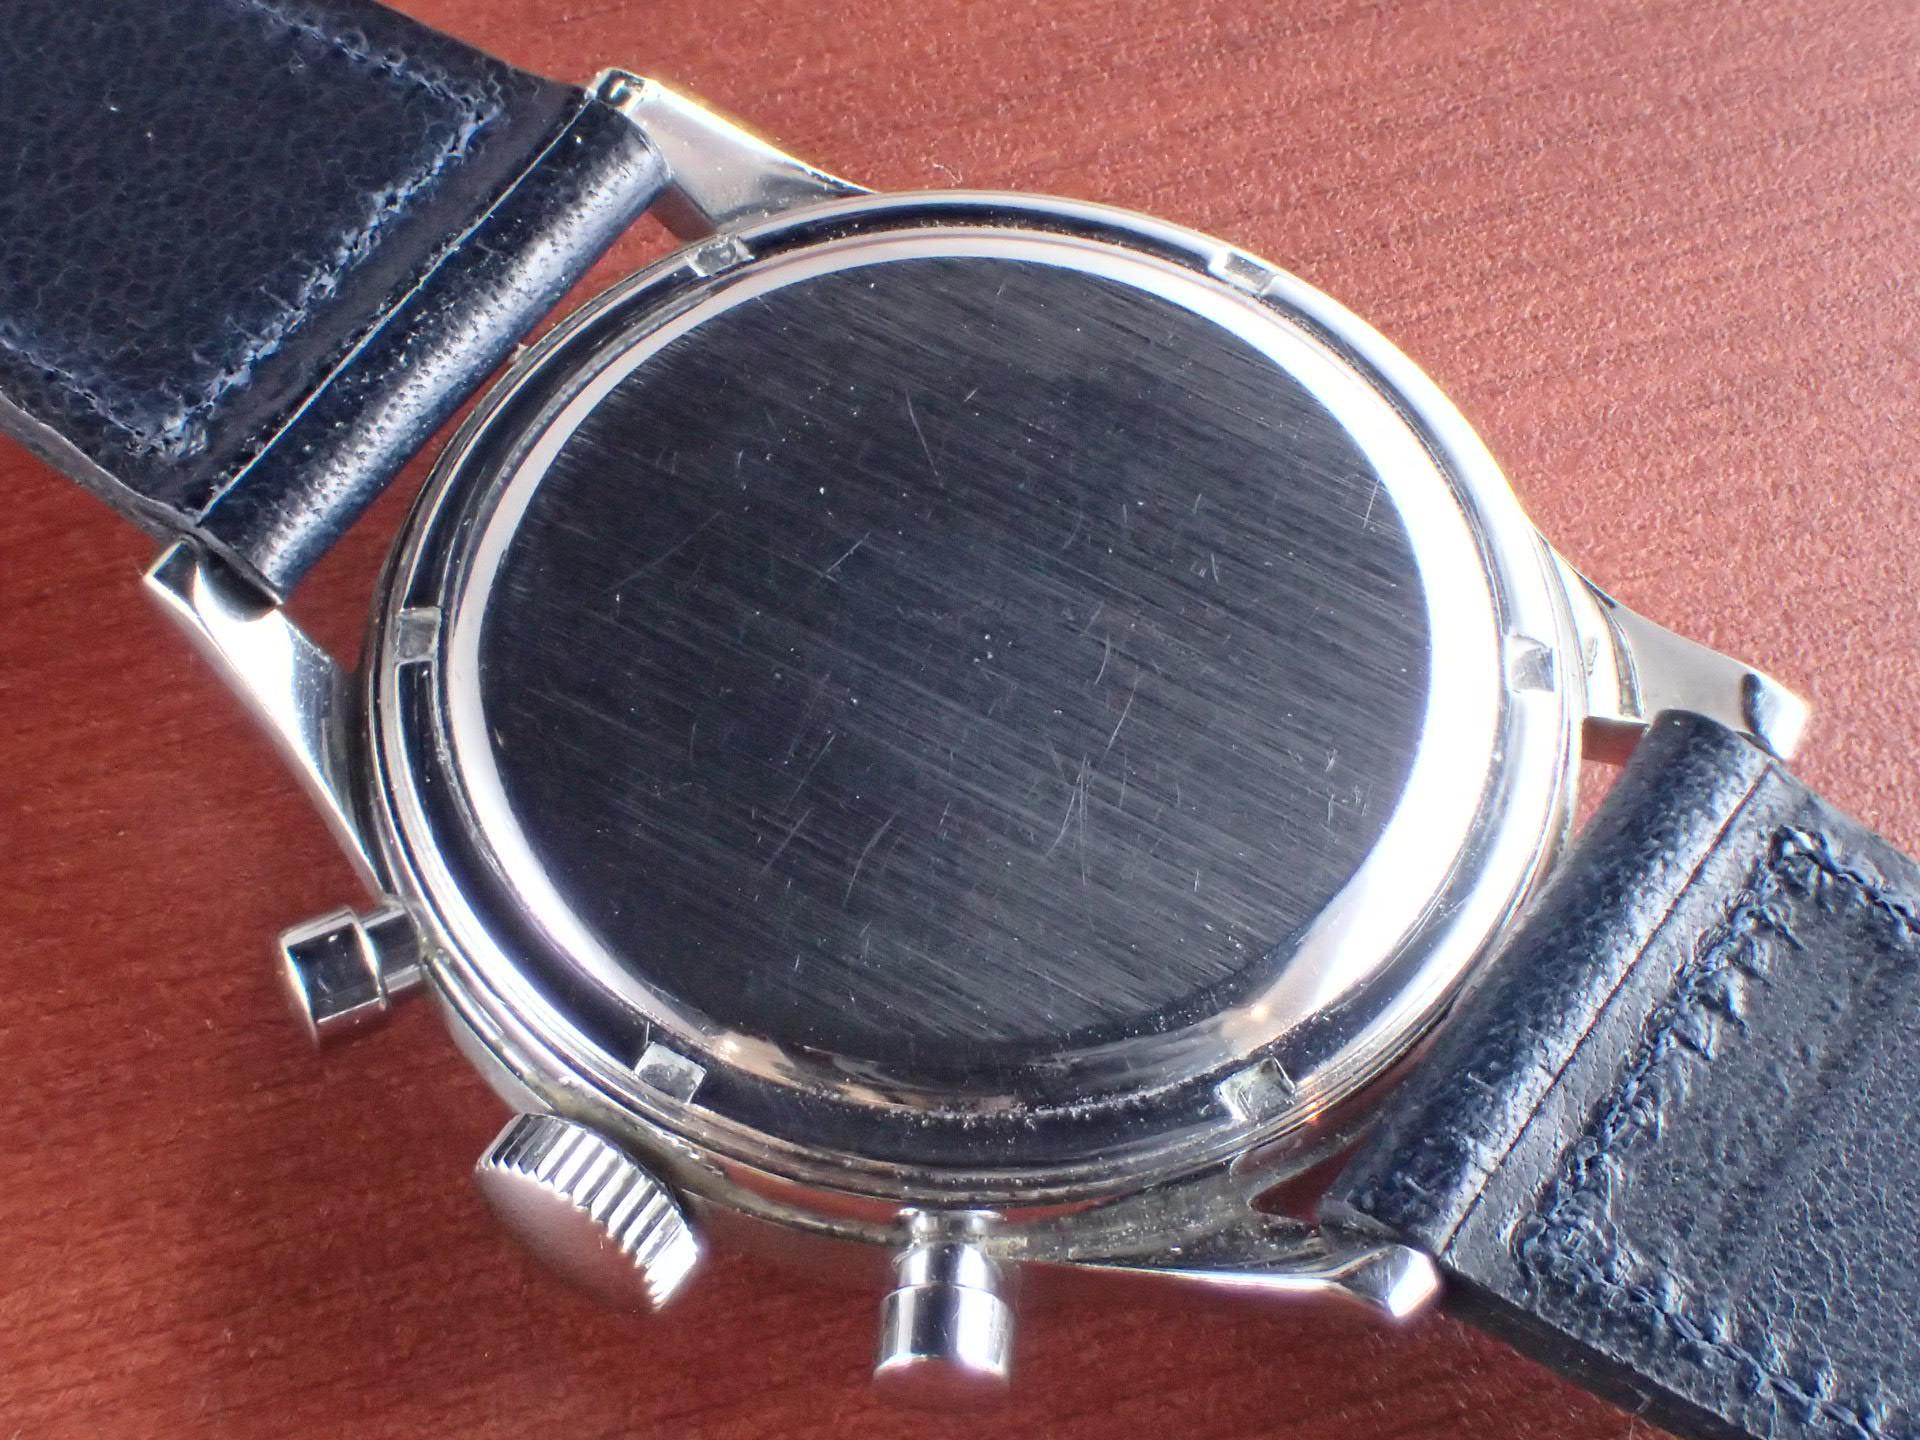 エクセルシオパーク クロノグラフ キャリバー4 シルバーマットDL 1960年代の写真4枚目